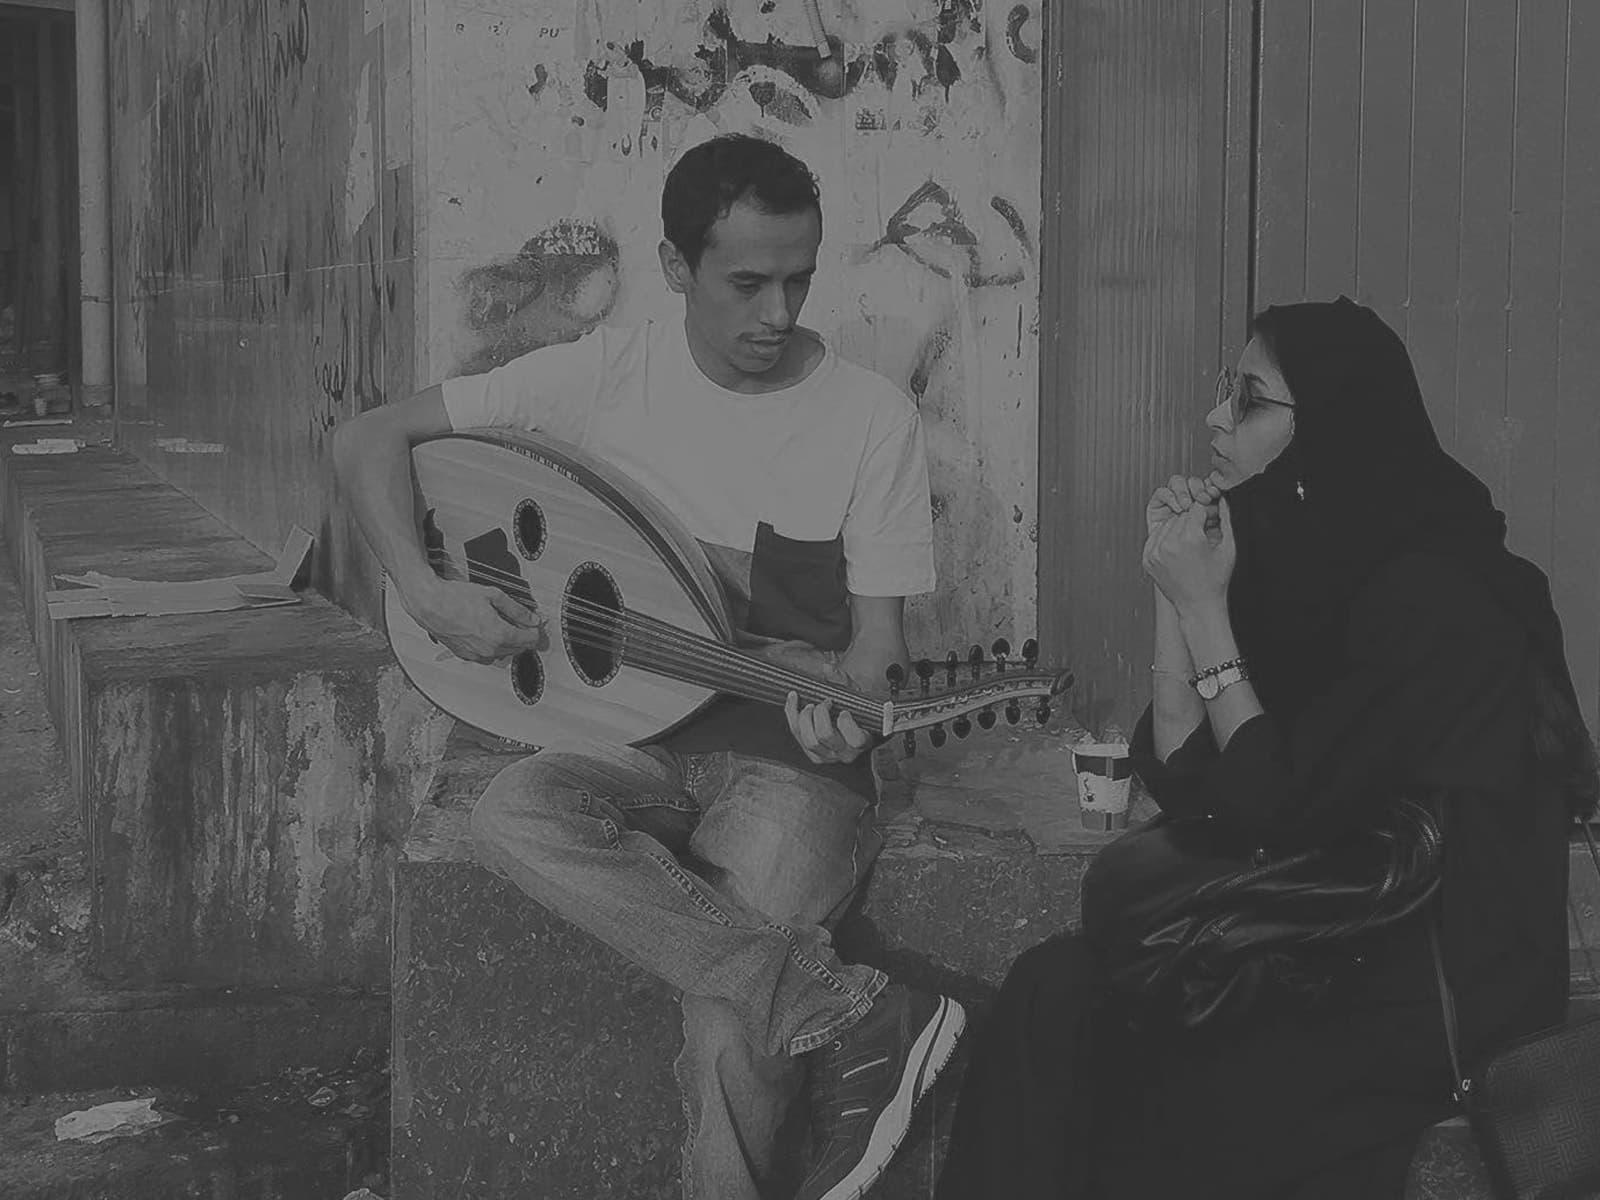 معلمة عود من الرياض